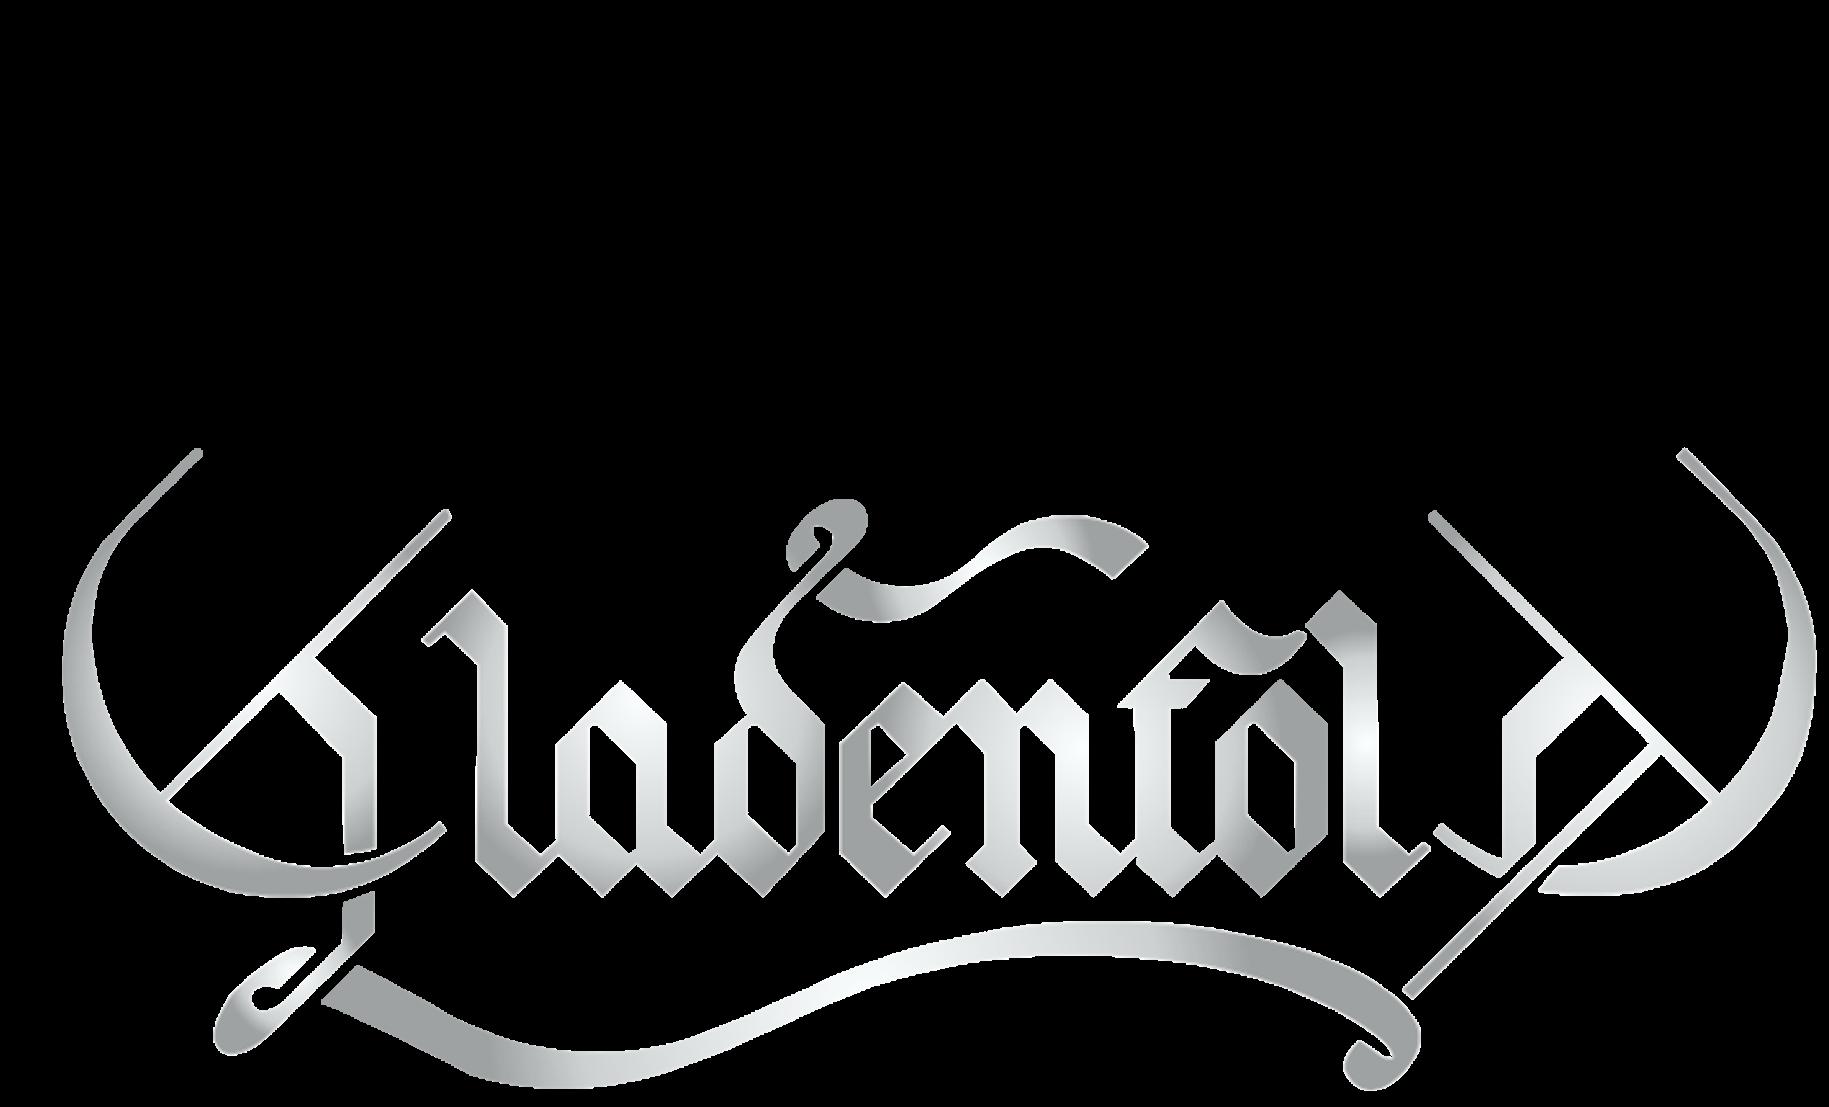 Gladenfold